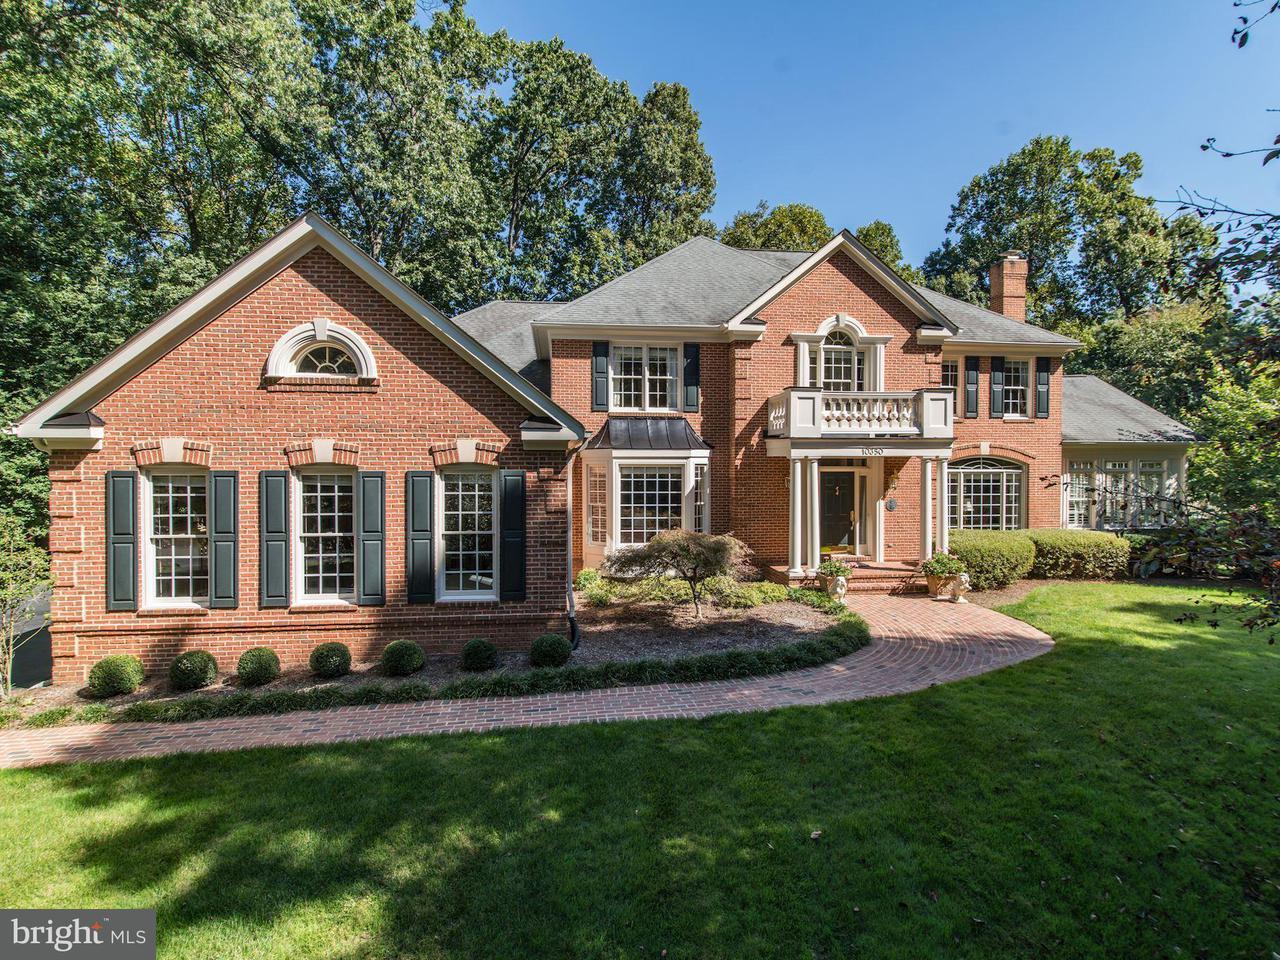 独户住宅 为 销售 在 10350 Carol Street 10350 Carol Street 大瀑布城, 弗吉尼亚州 22066 美国